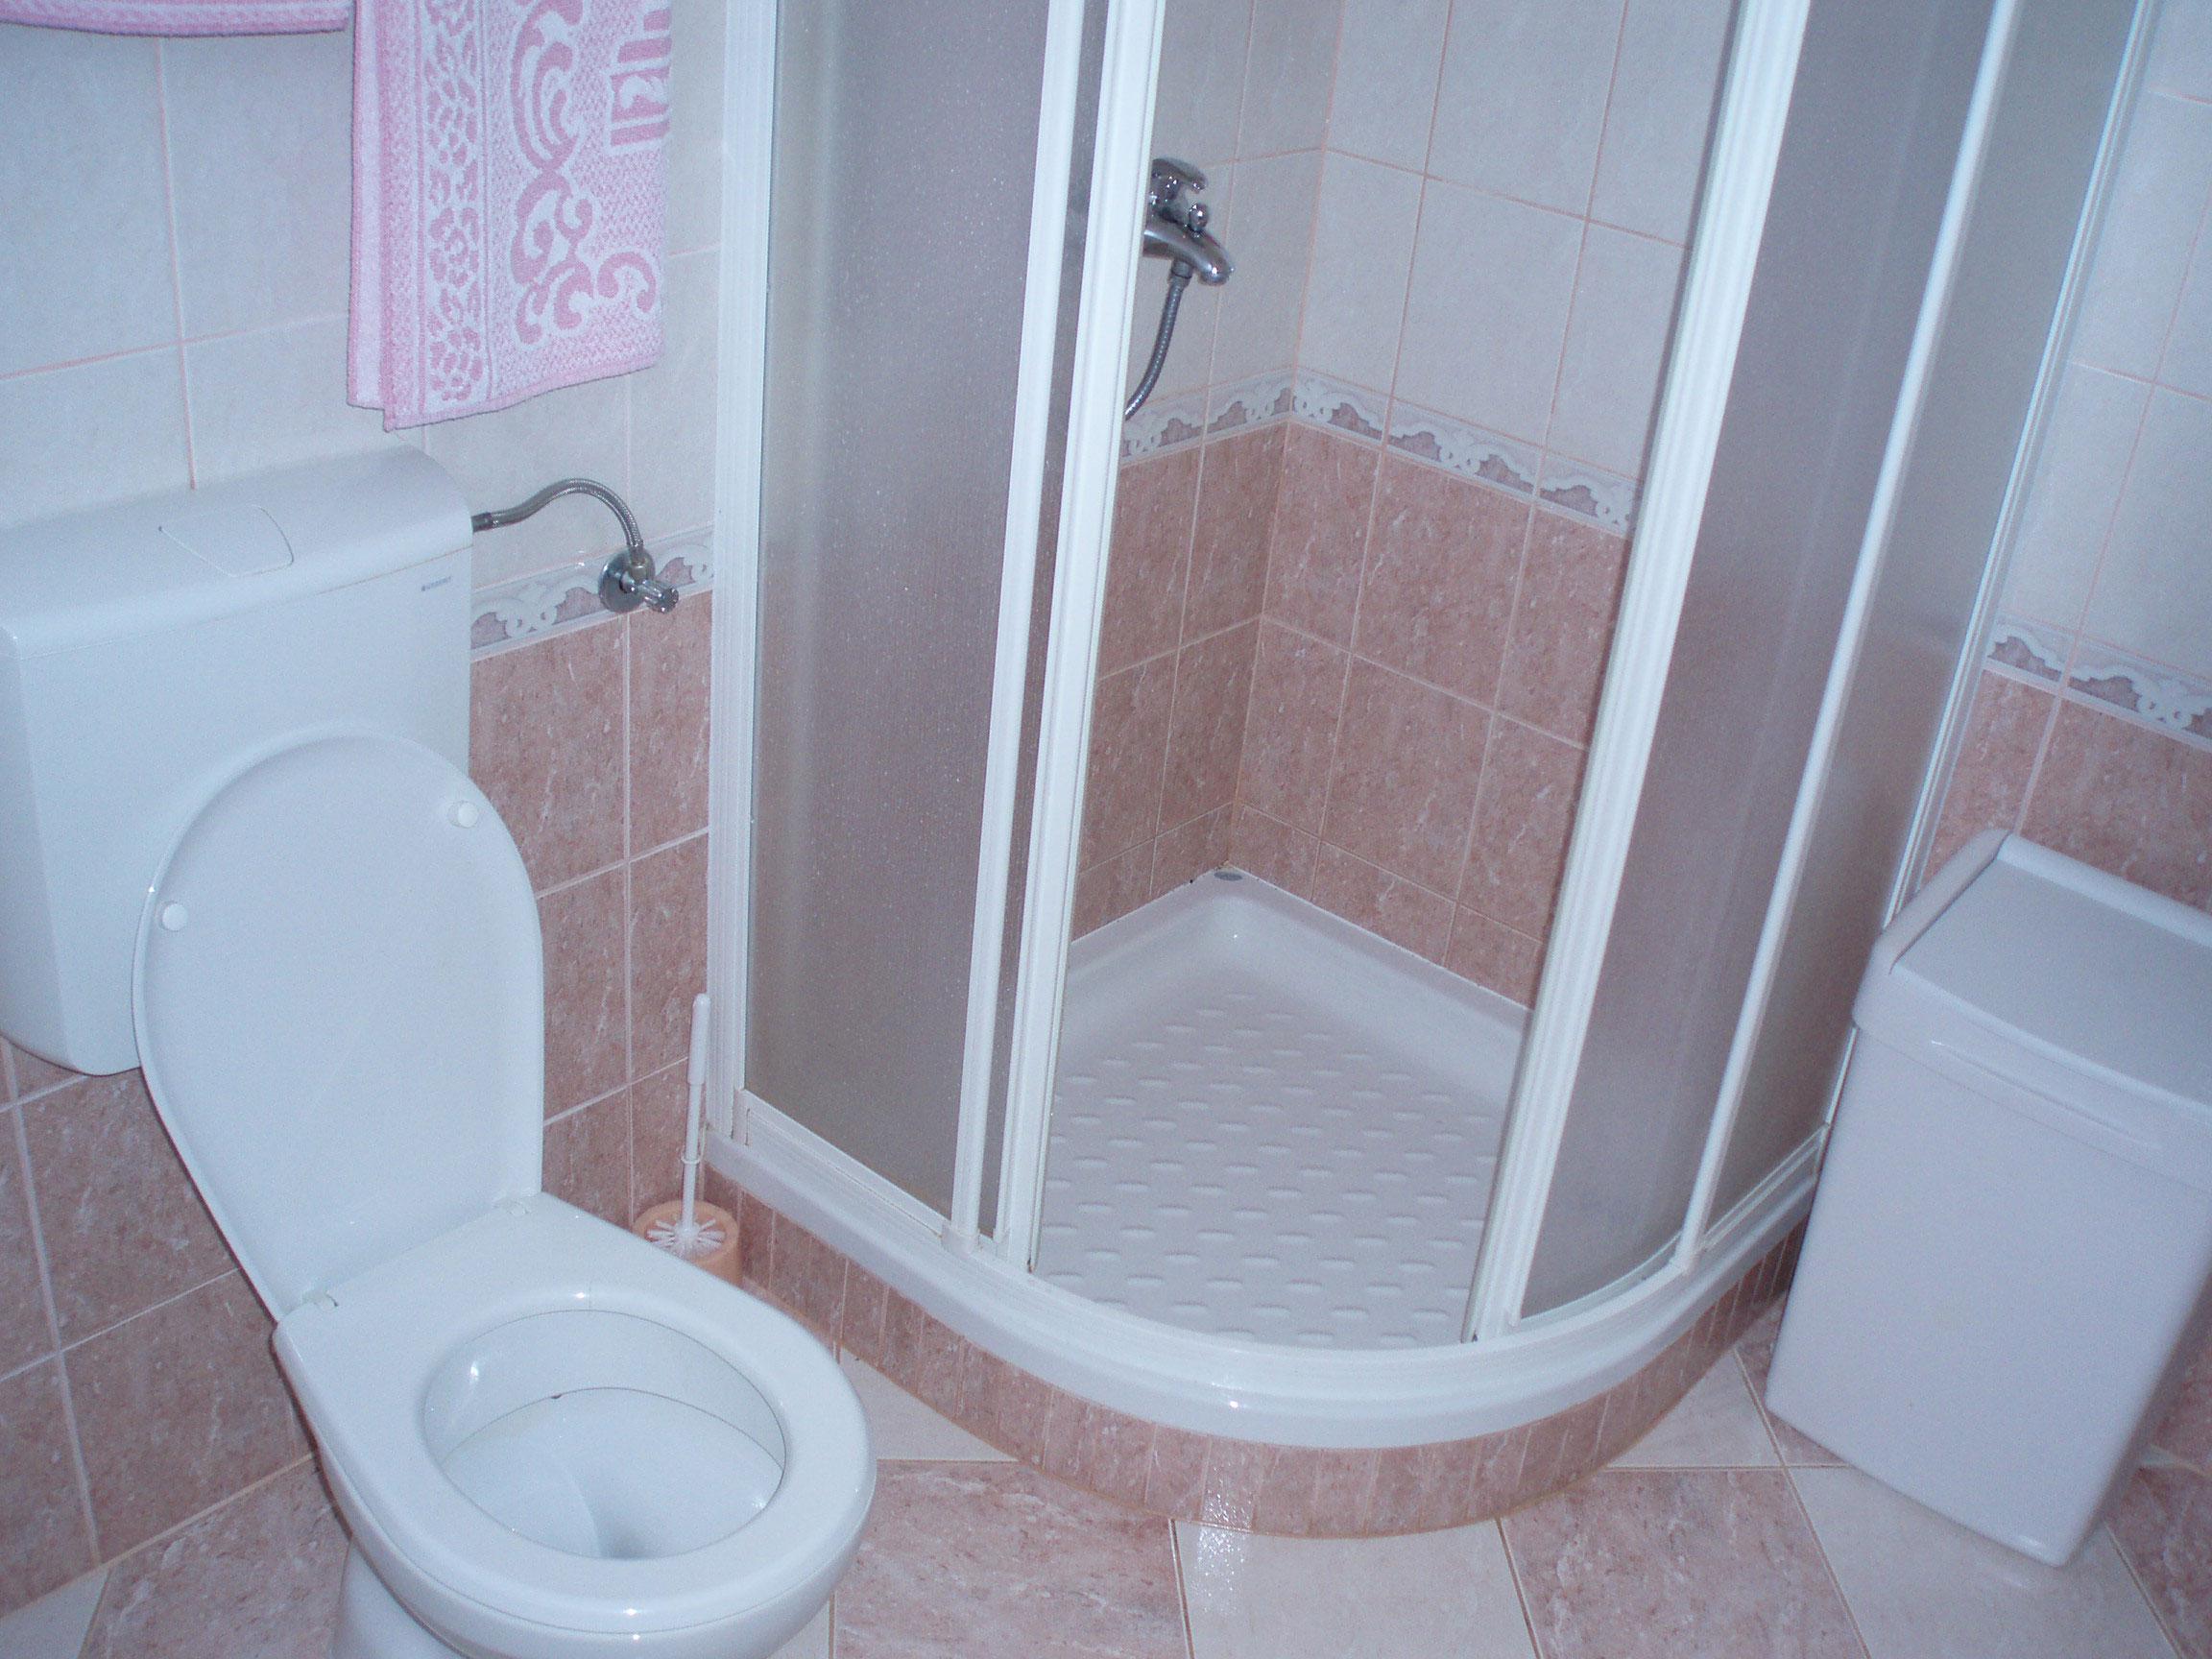 Ремонт в ванной комнате: выбор унитаза и душевой кабины